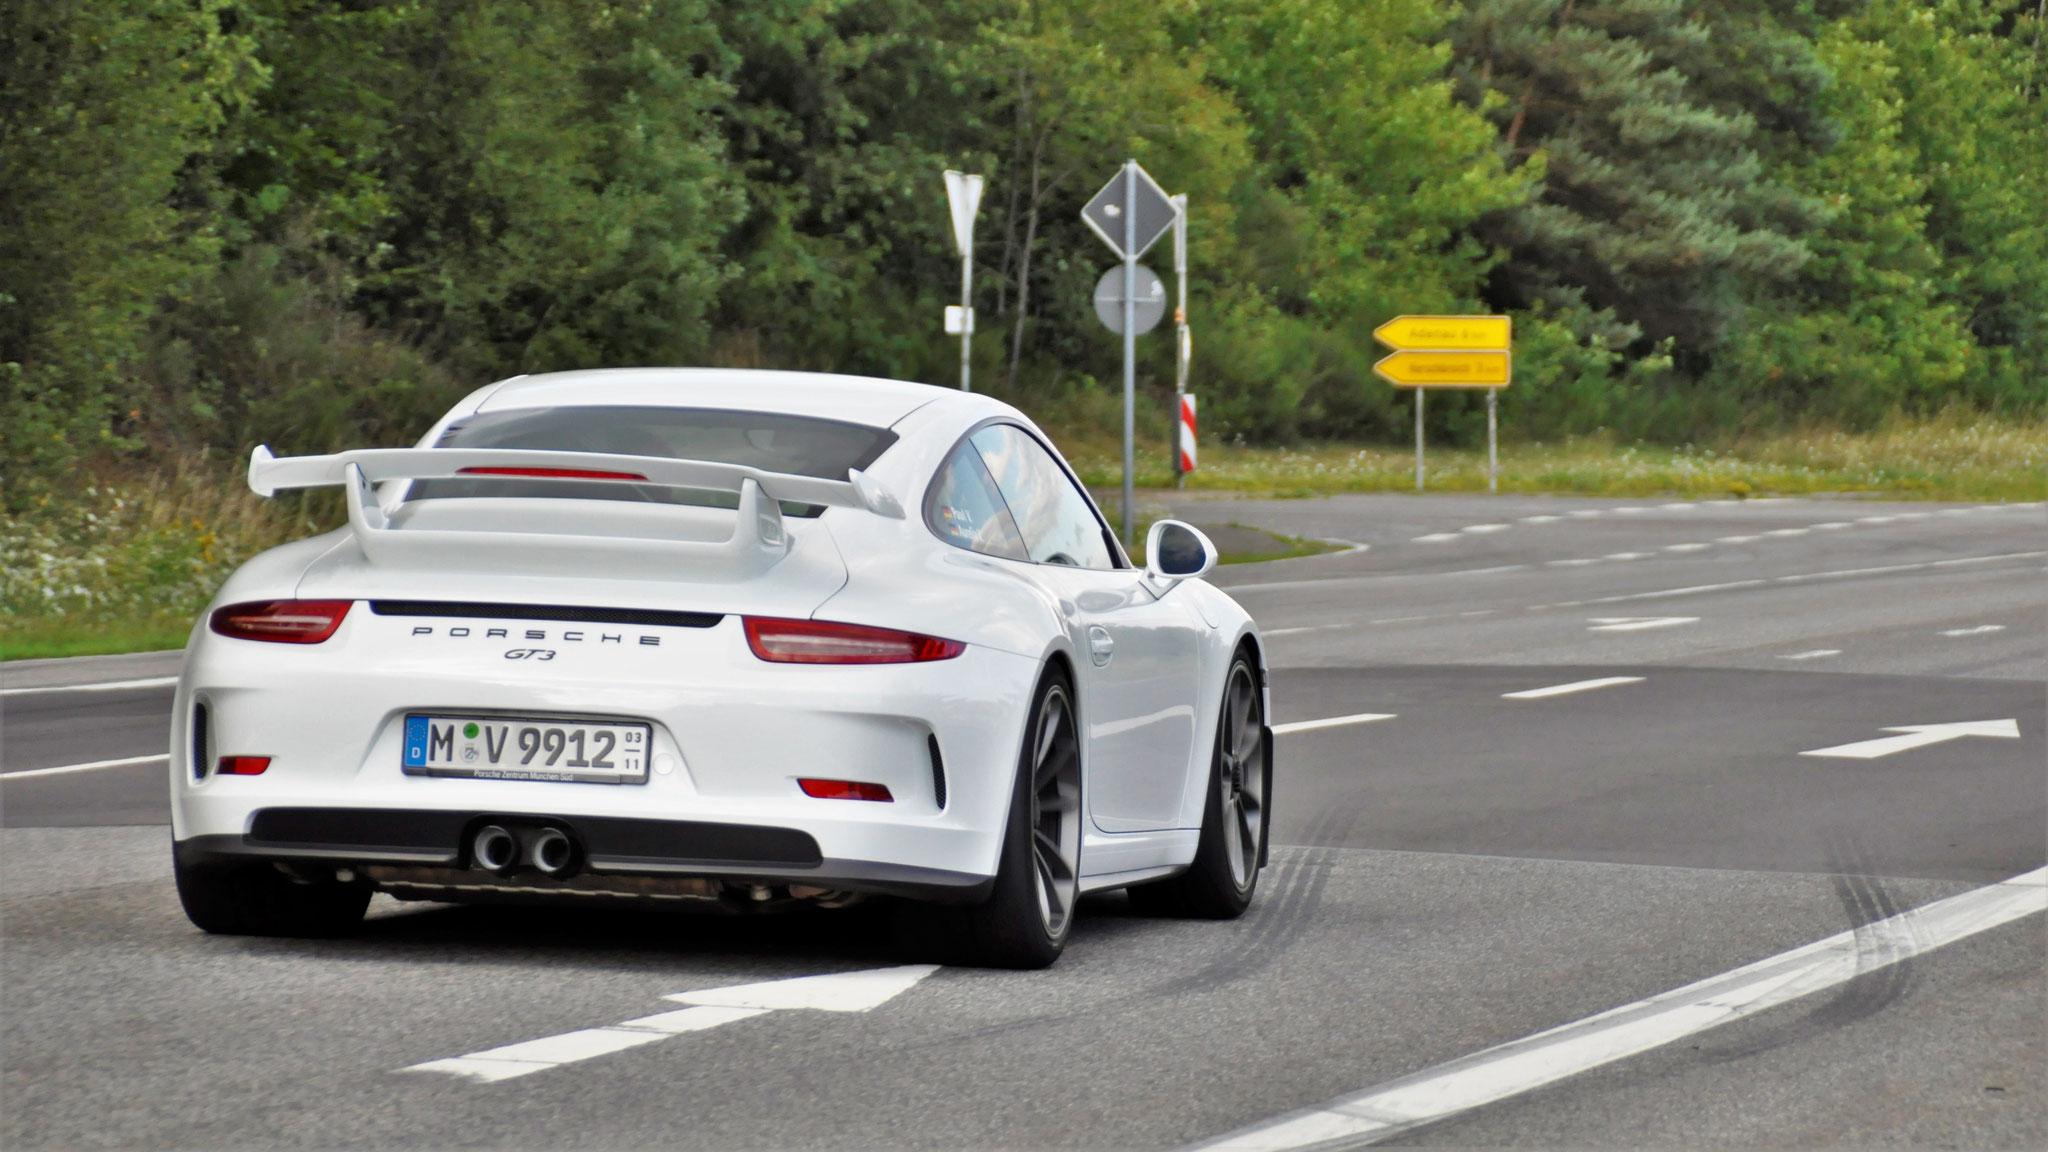 Porsche 991 GT3 - M-V_9912